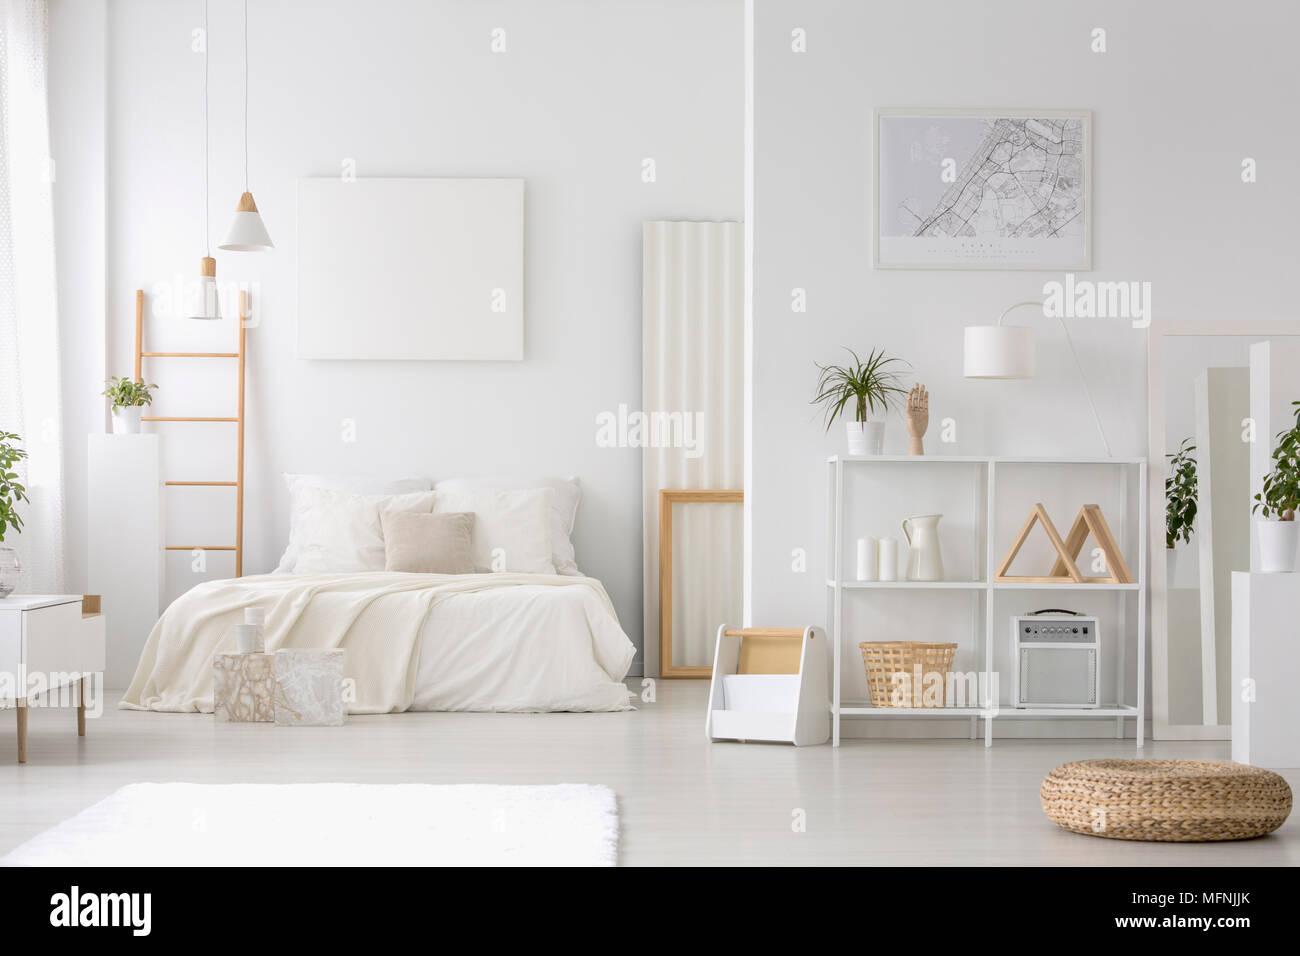 Fußboden Schlafzimmer Lampen ~ Geräumige helle schlafzimmer mit einem großen bett poster regale